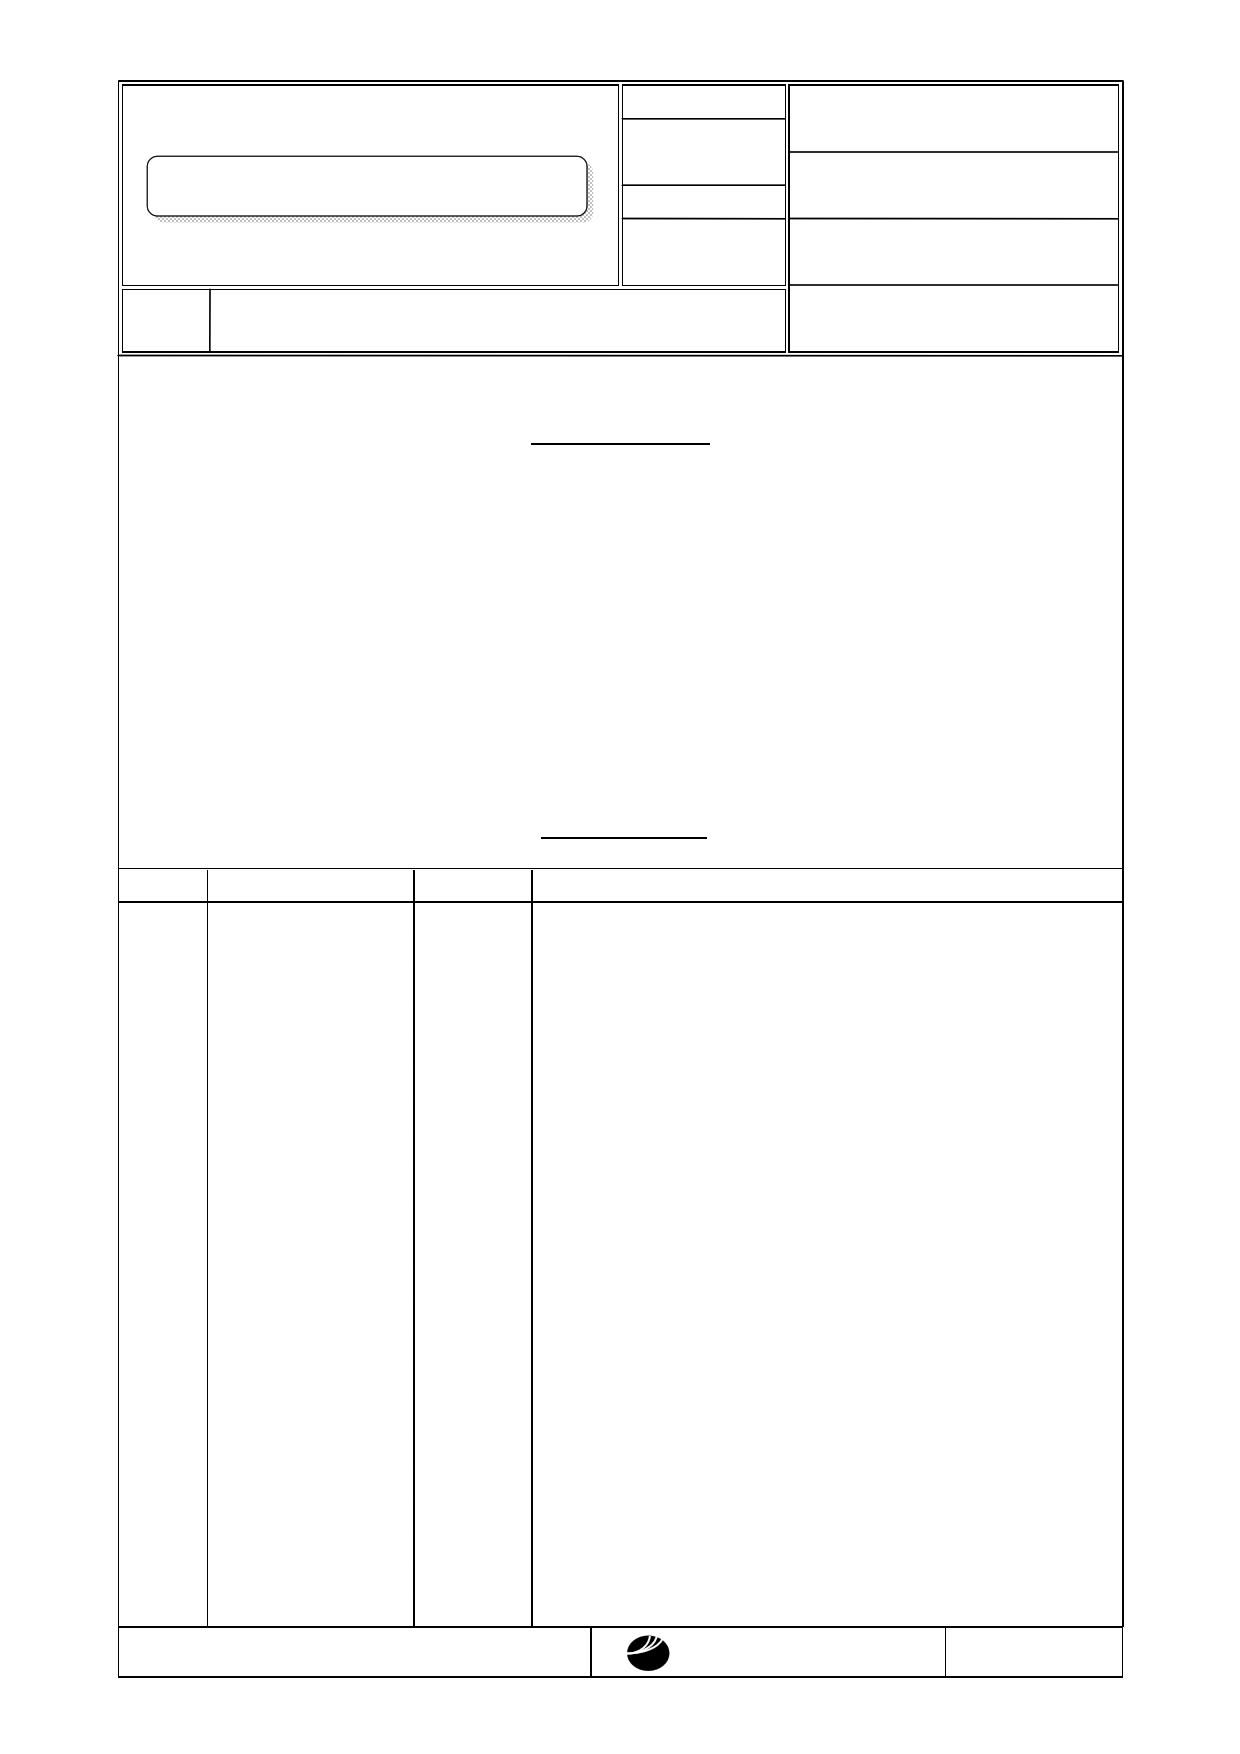 DMC16128NY-LY datasheet